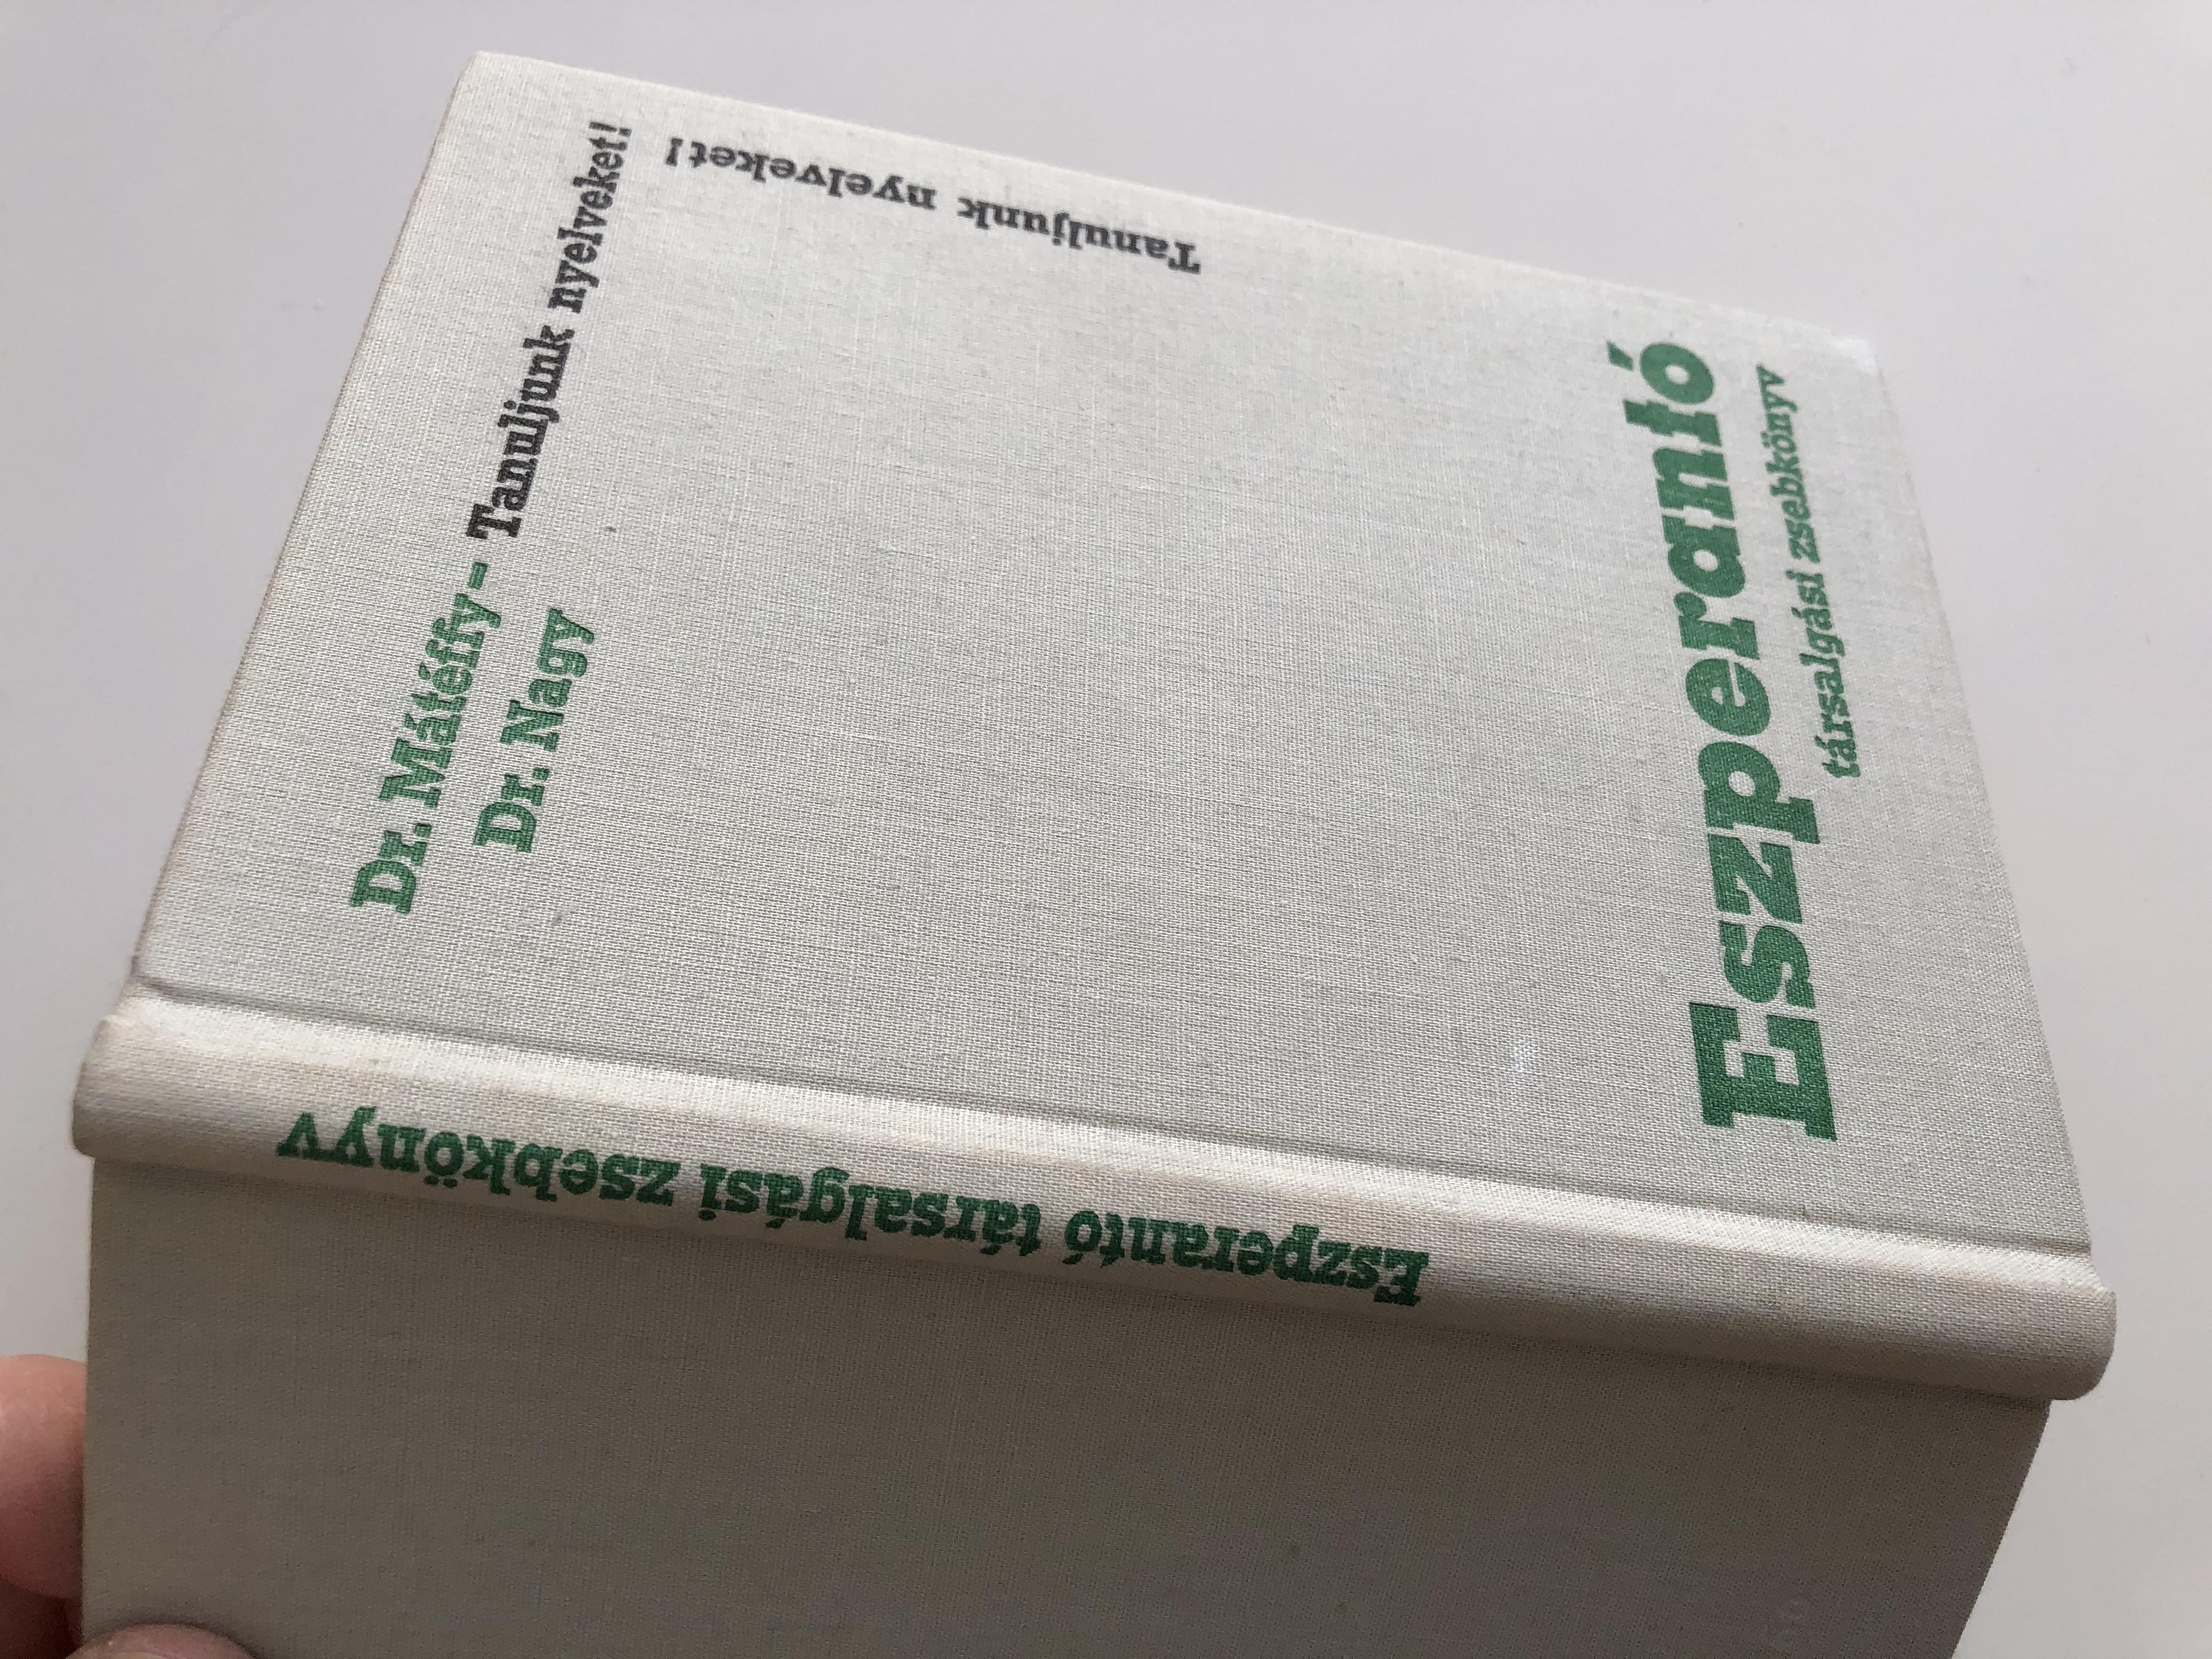 eszperant-t-rsalg-si-zsebk-nyv-by-dr.-m-t-ffy-dr.-nagy-12-.jpg